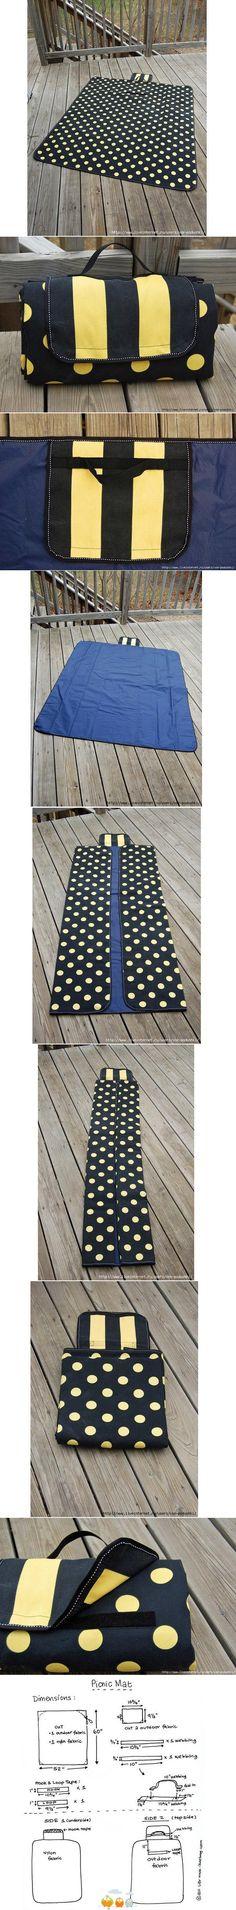 fachada bolso, pero es una alfombra para picnic, el mismo tutorial puede aplicarse para ser usado para la playa.